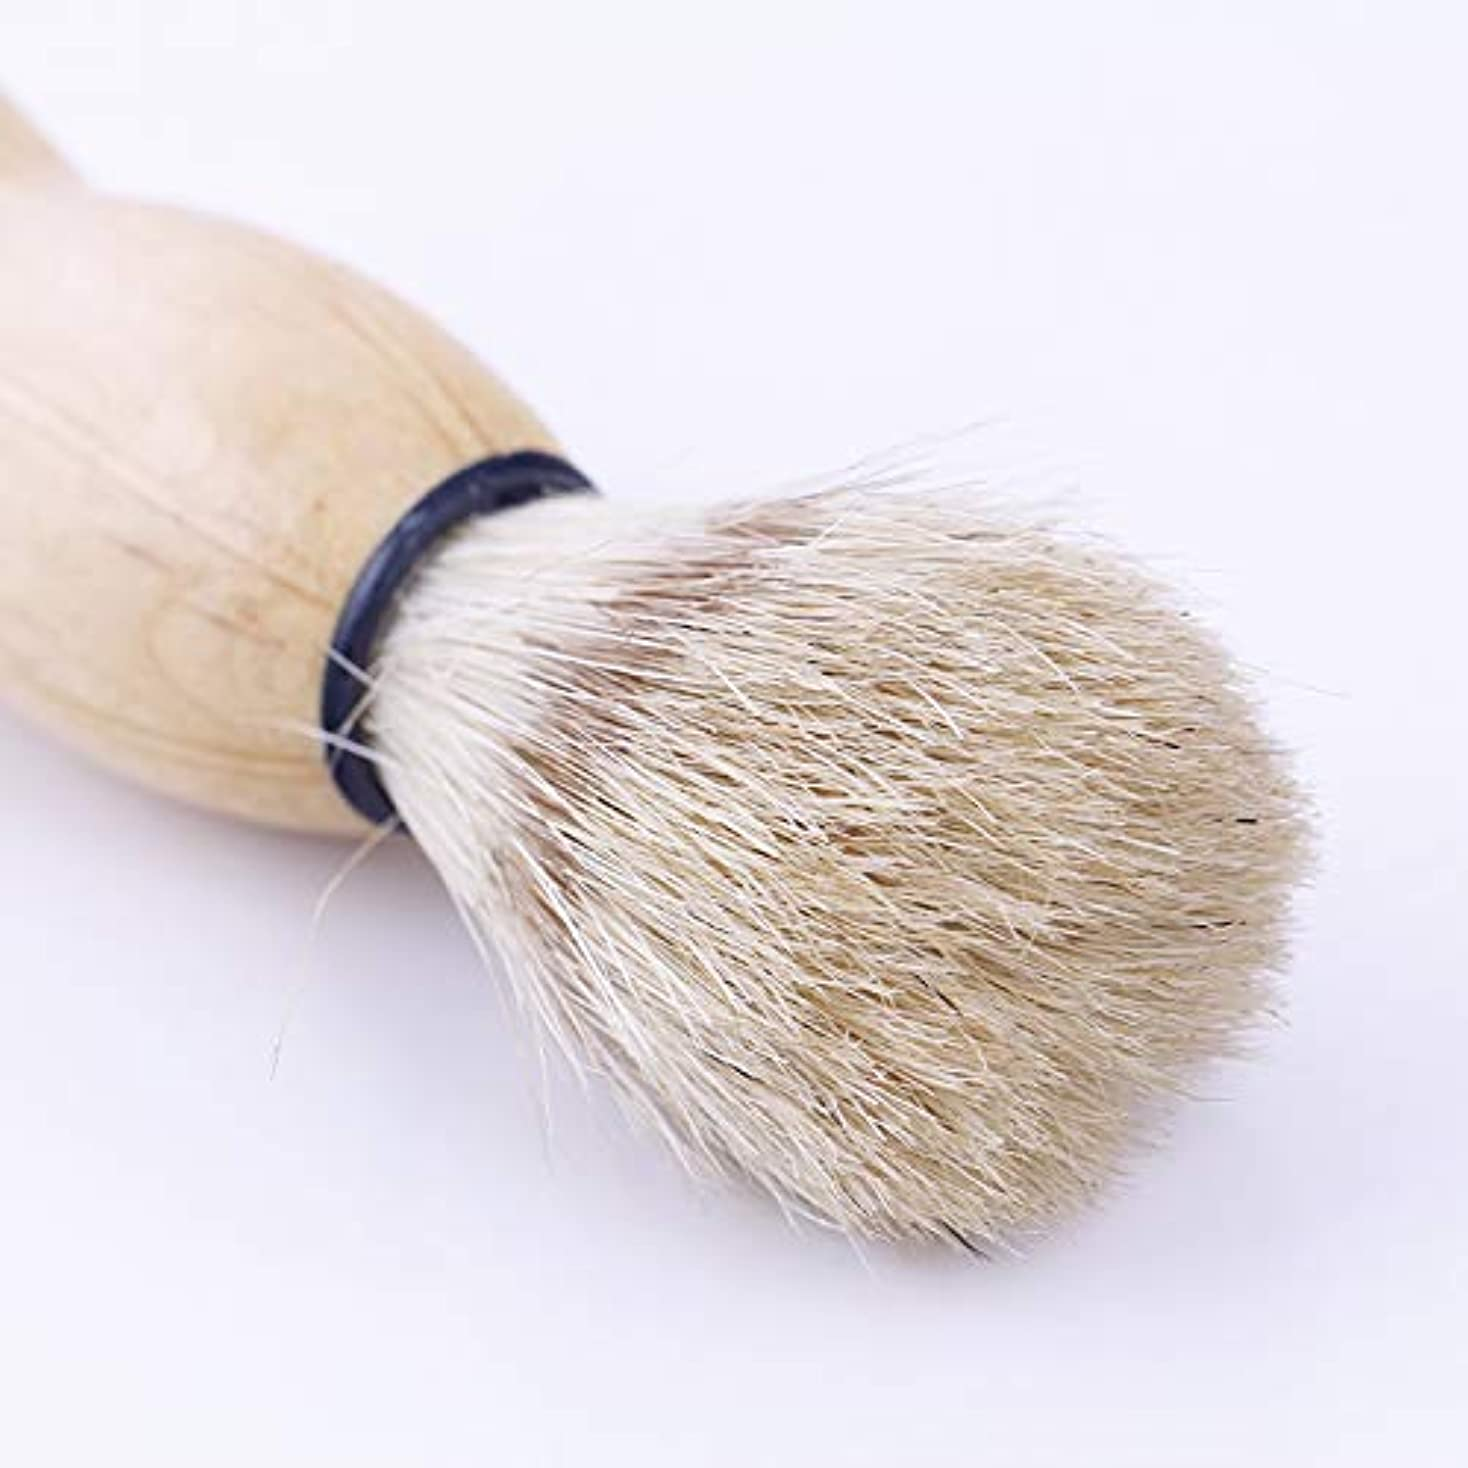 高く奇跡どっちでもSMTHOME シェービング用ブラシ メンズ 100% ウール毛 理容 洗顔 髭剃り 泡立ち